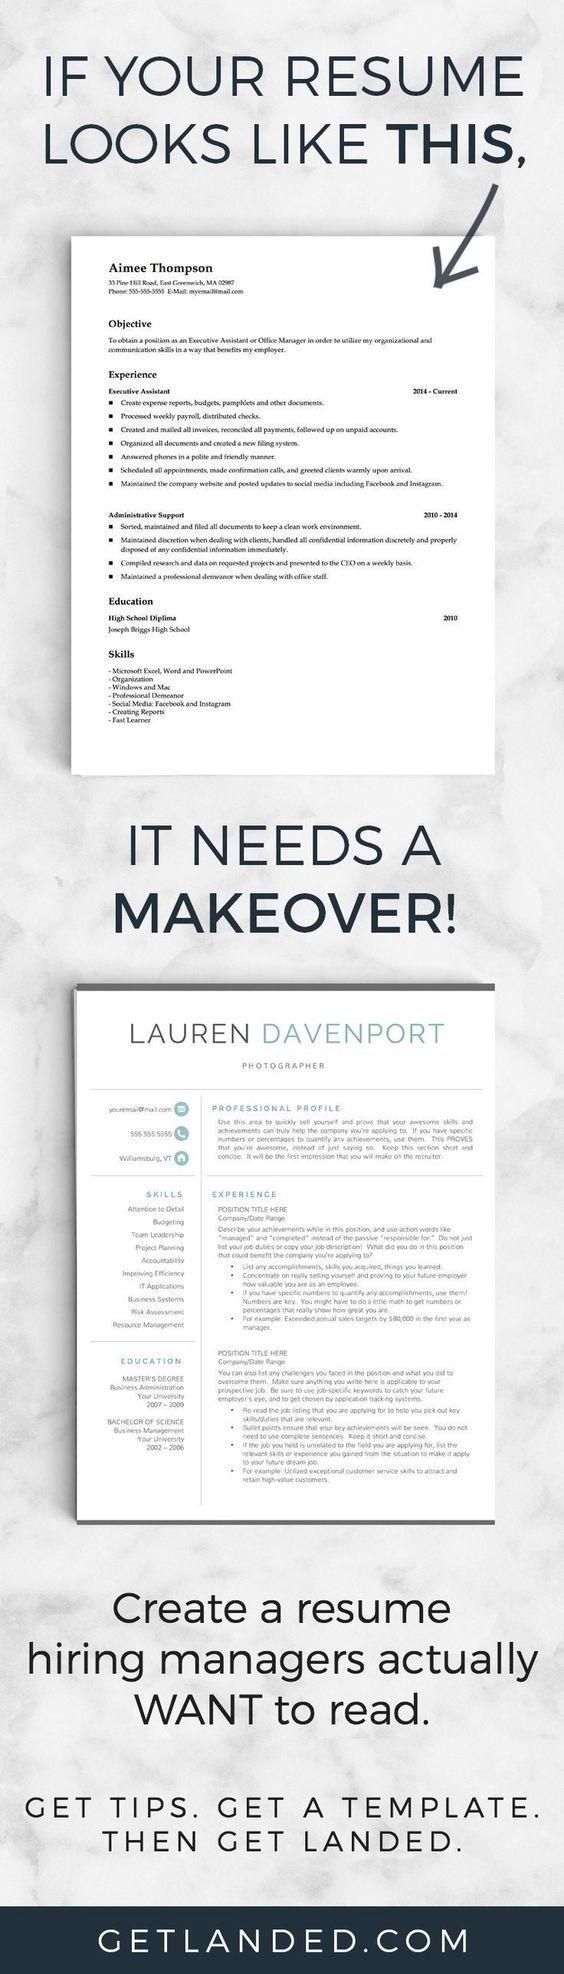 80 of candidates desperately need a resume makeover get a resume makeover today with resume writing tipsresume